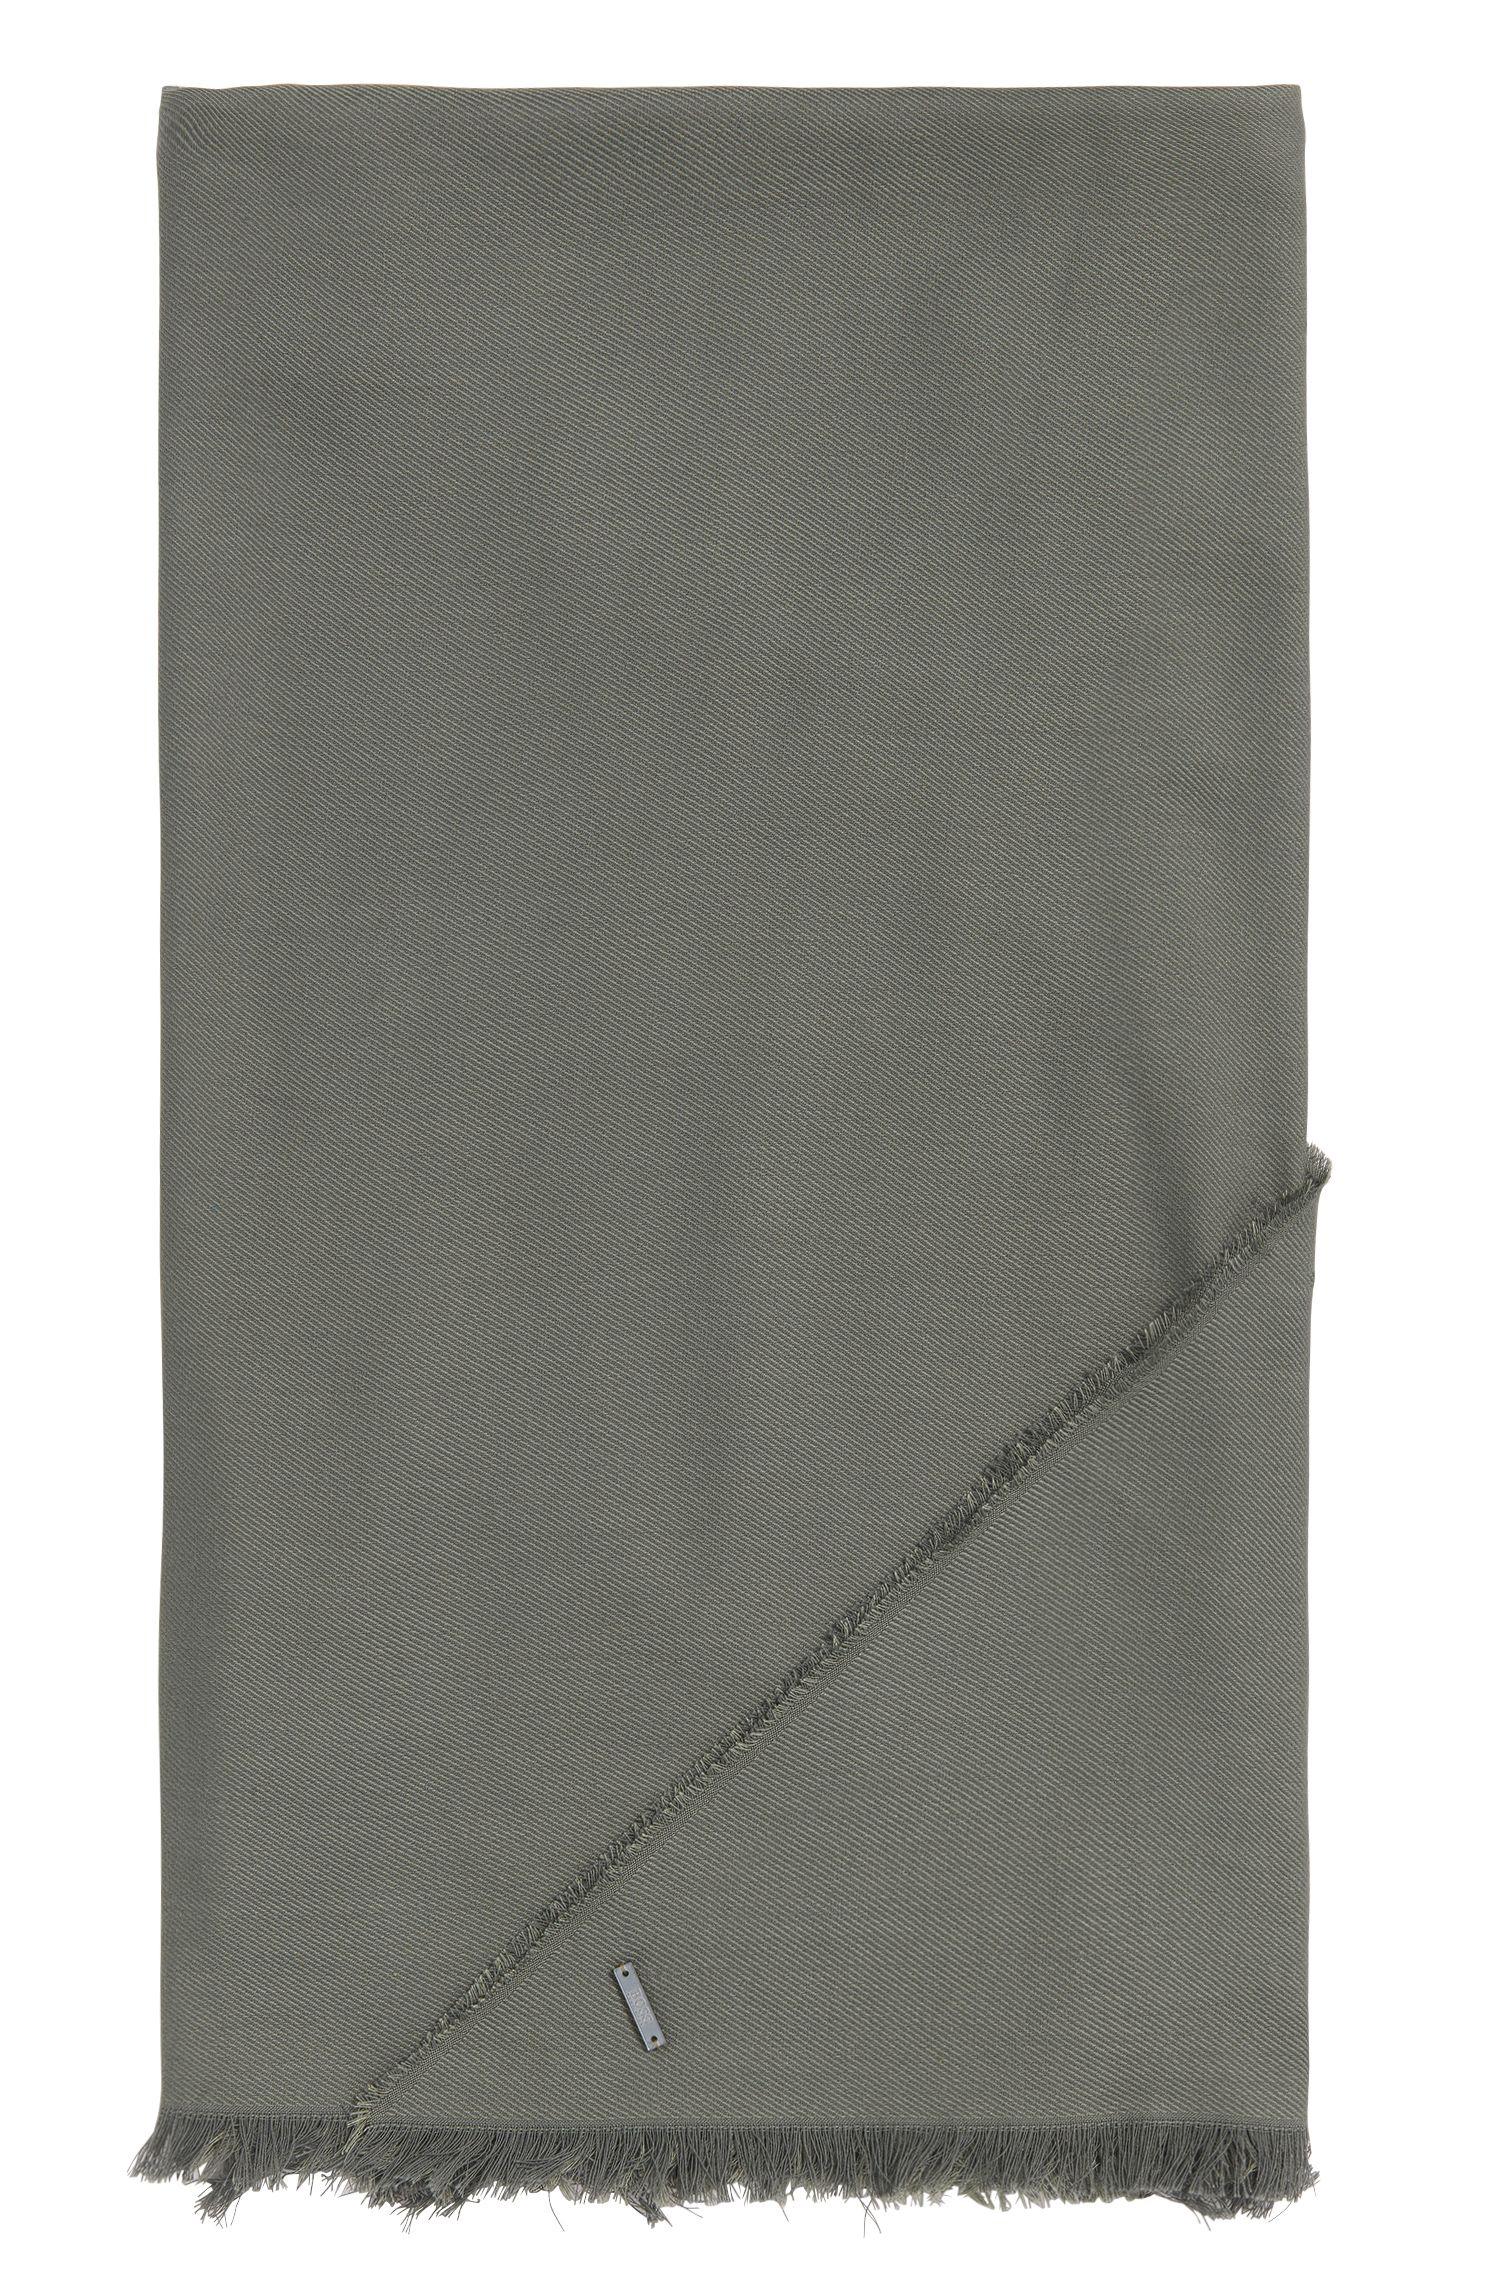 Pañuelo triangular en mezcla de algodón con modal: 'Pulmas'